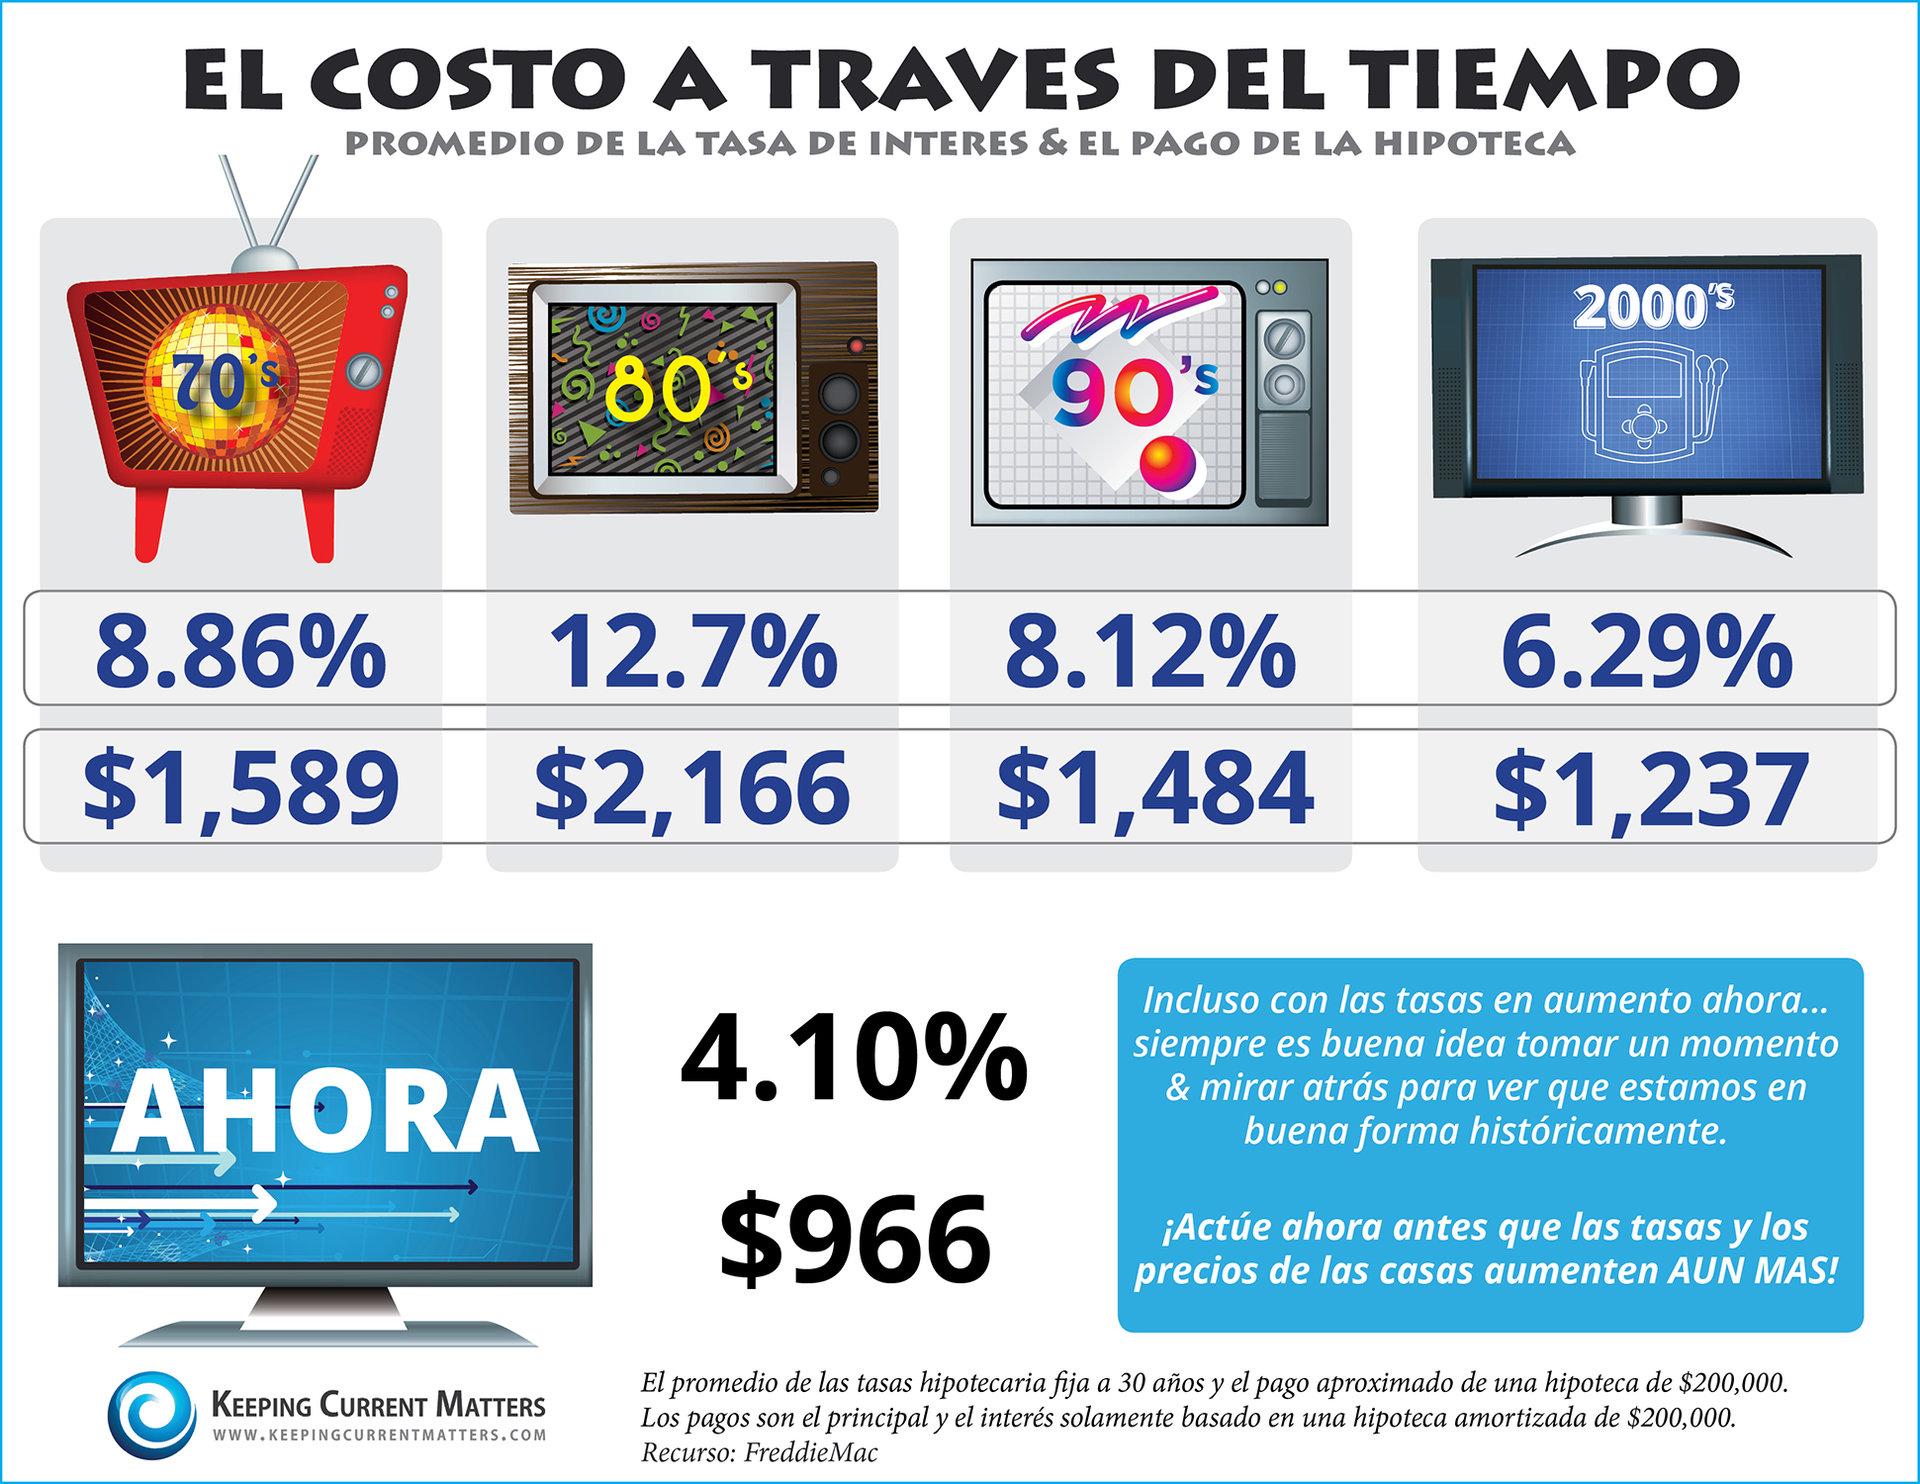 El Costo a Traves Del Tiempo [INFOGRAFIA] | Keeping Current Matters